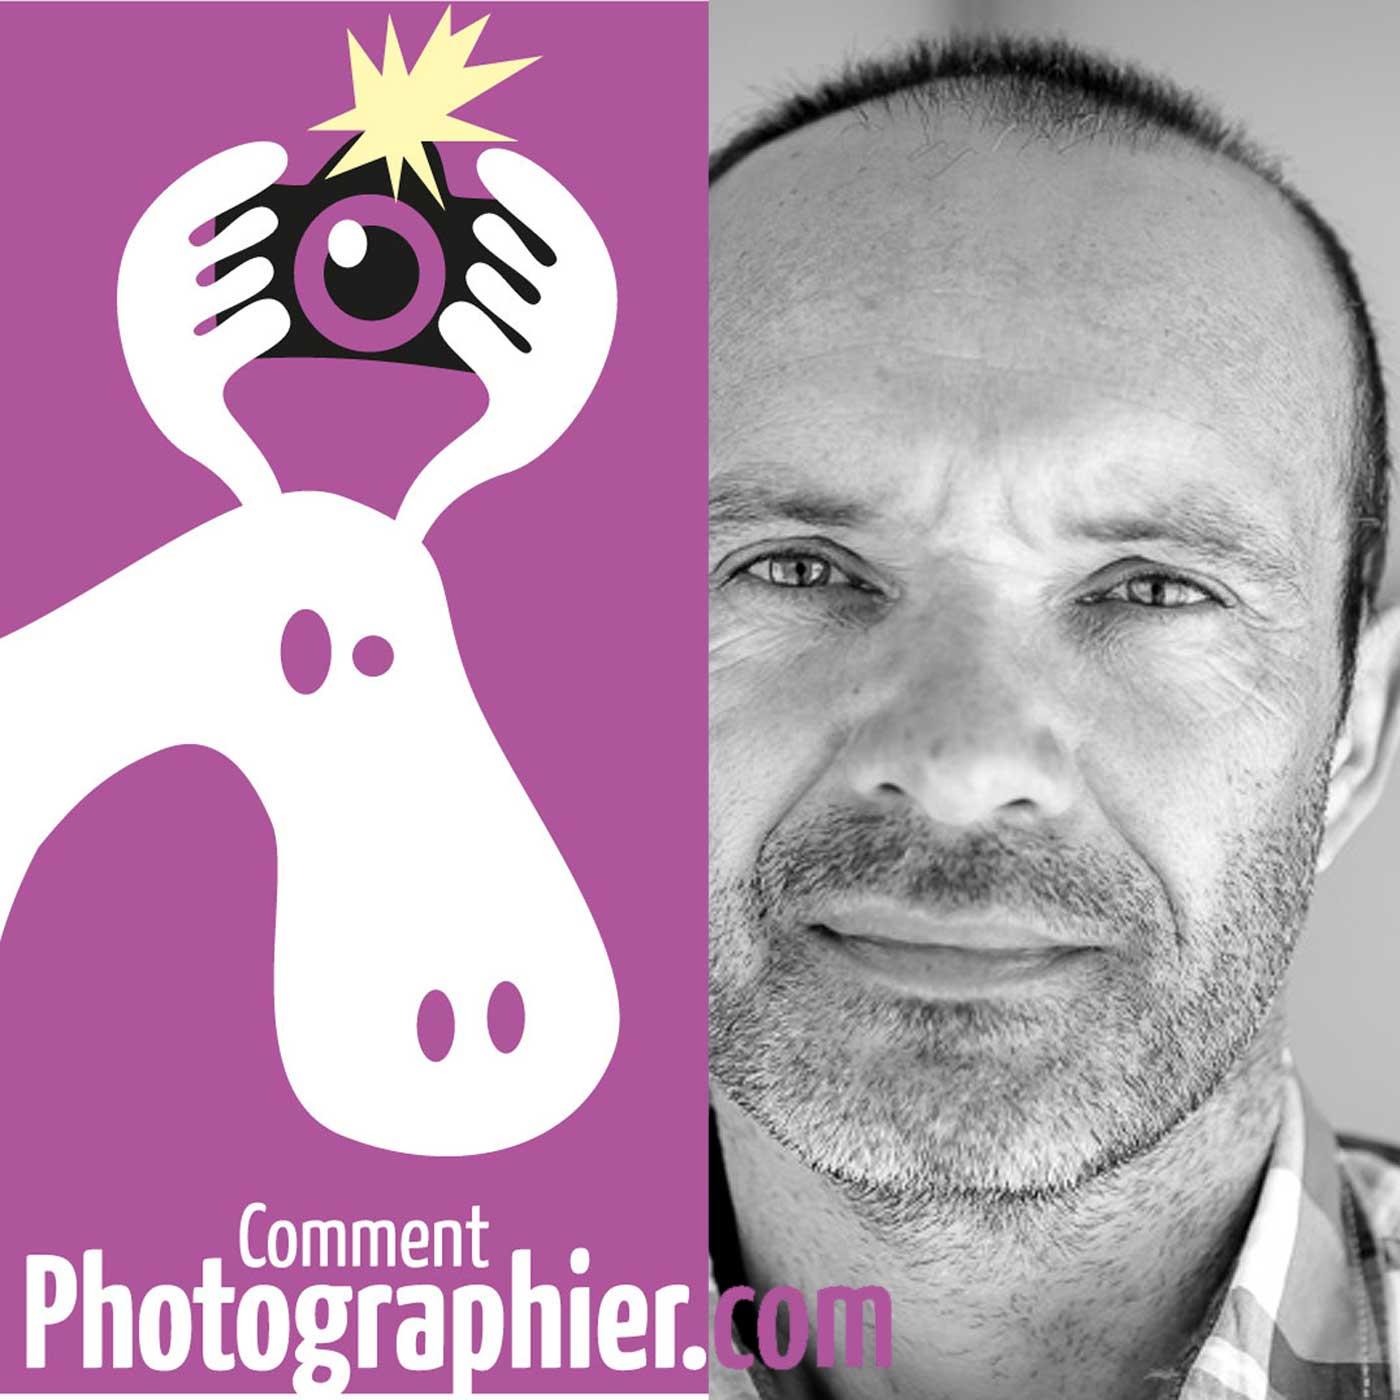 Comment-photographier.com